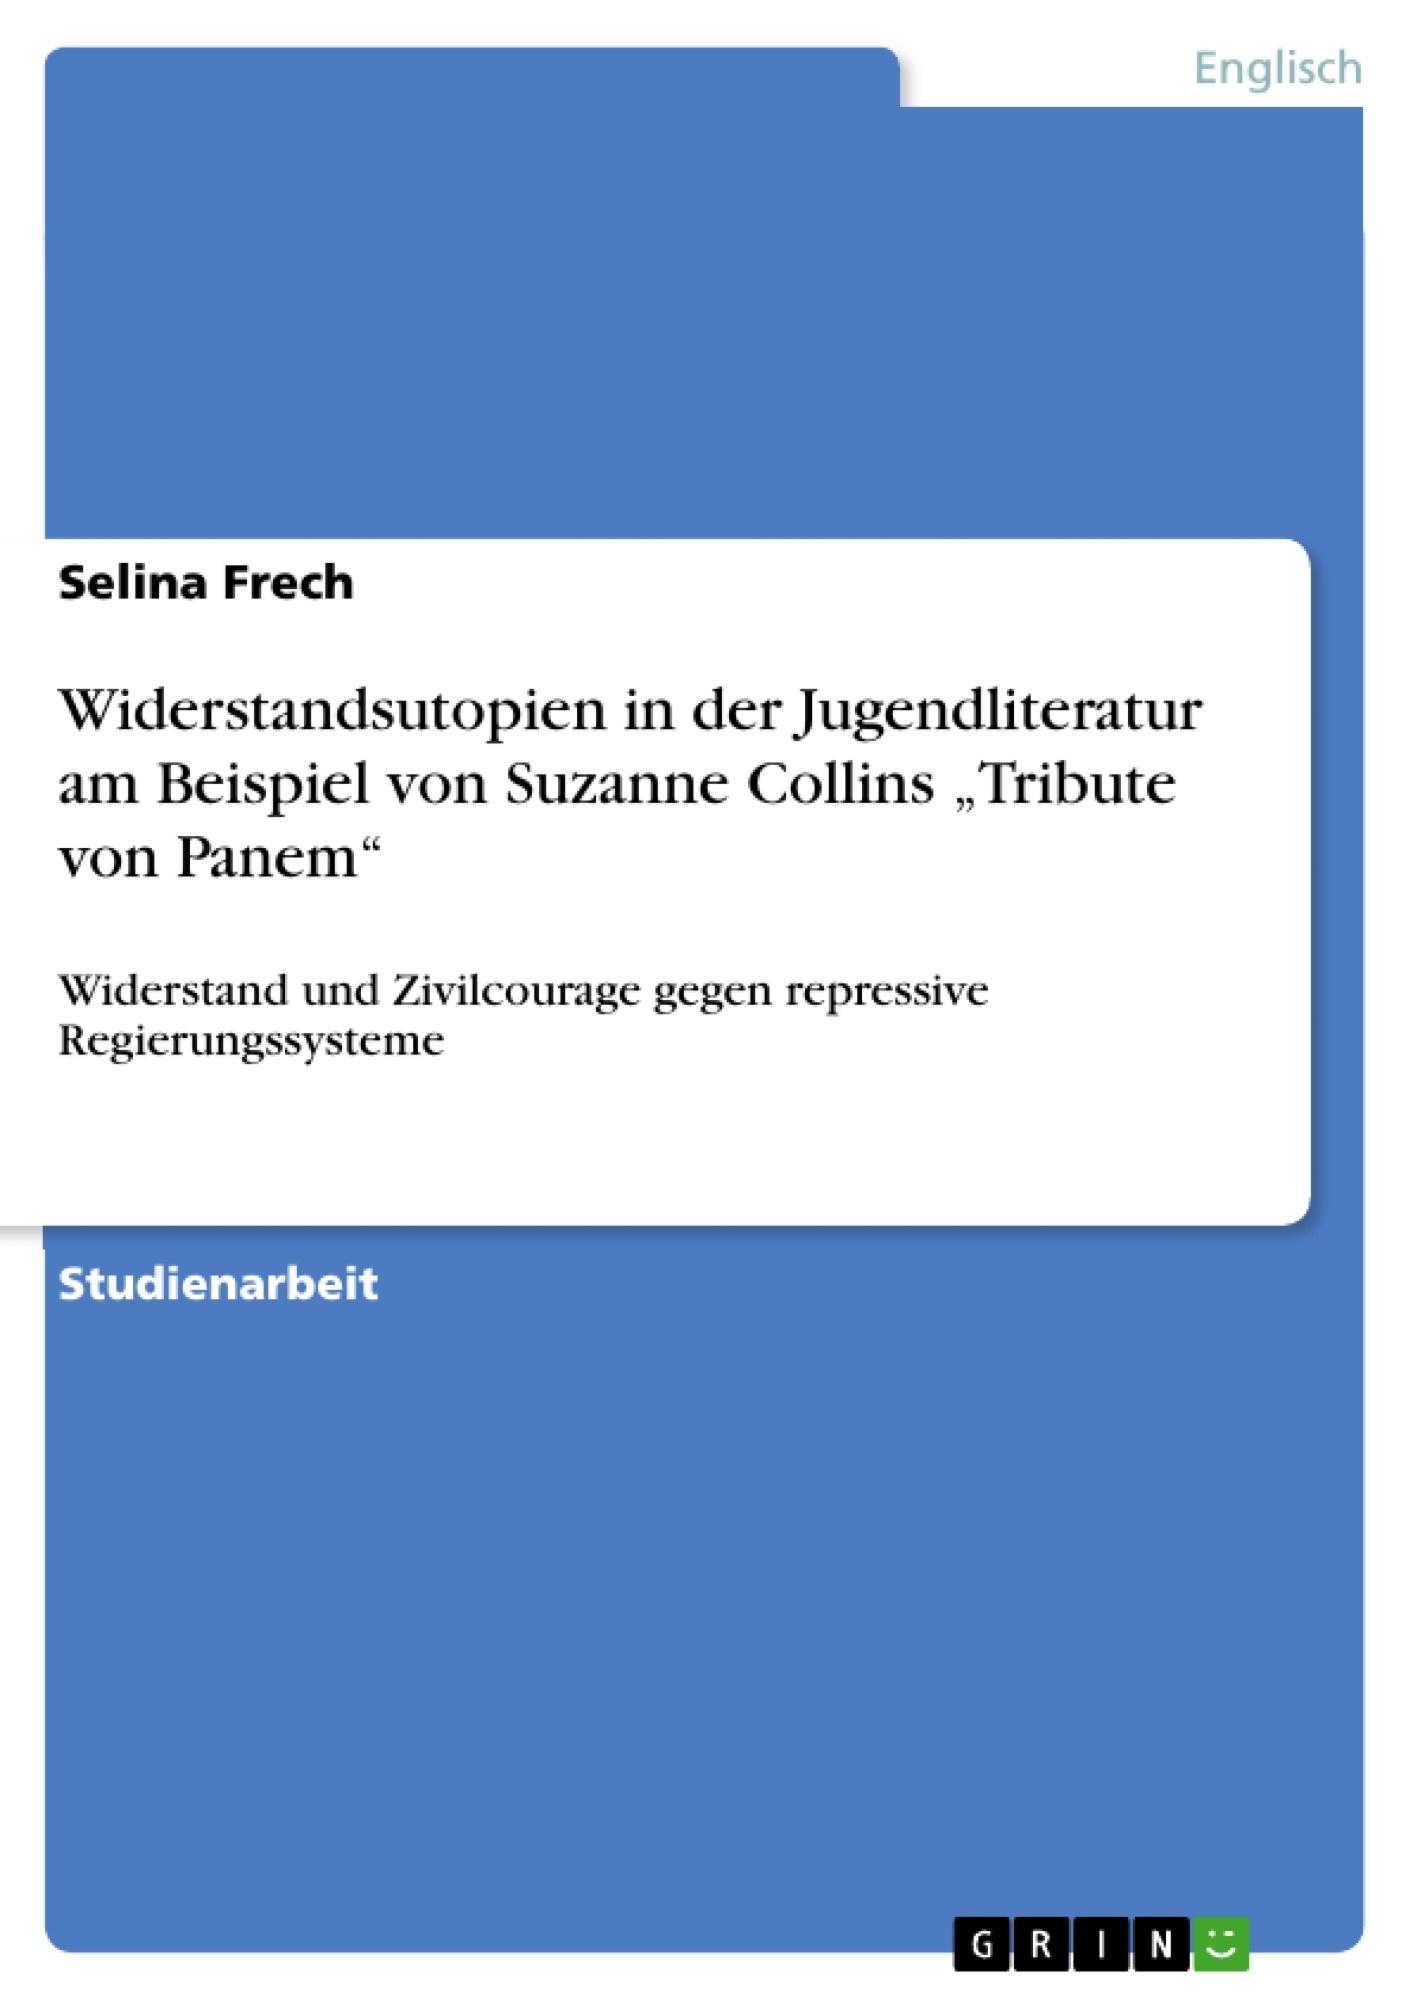 """Titel: Widerstandsutopien in der Jugendliteratur am Beispiel von Suzanne Collins """"Tribute von Panem"""""""